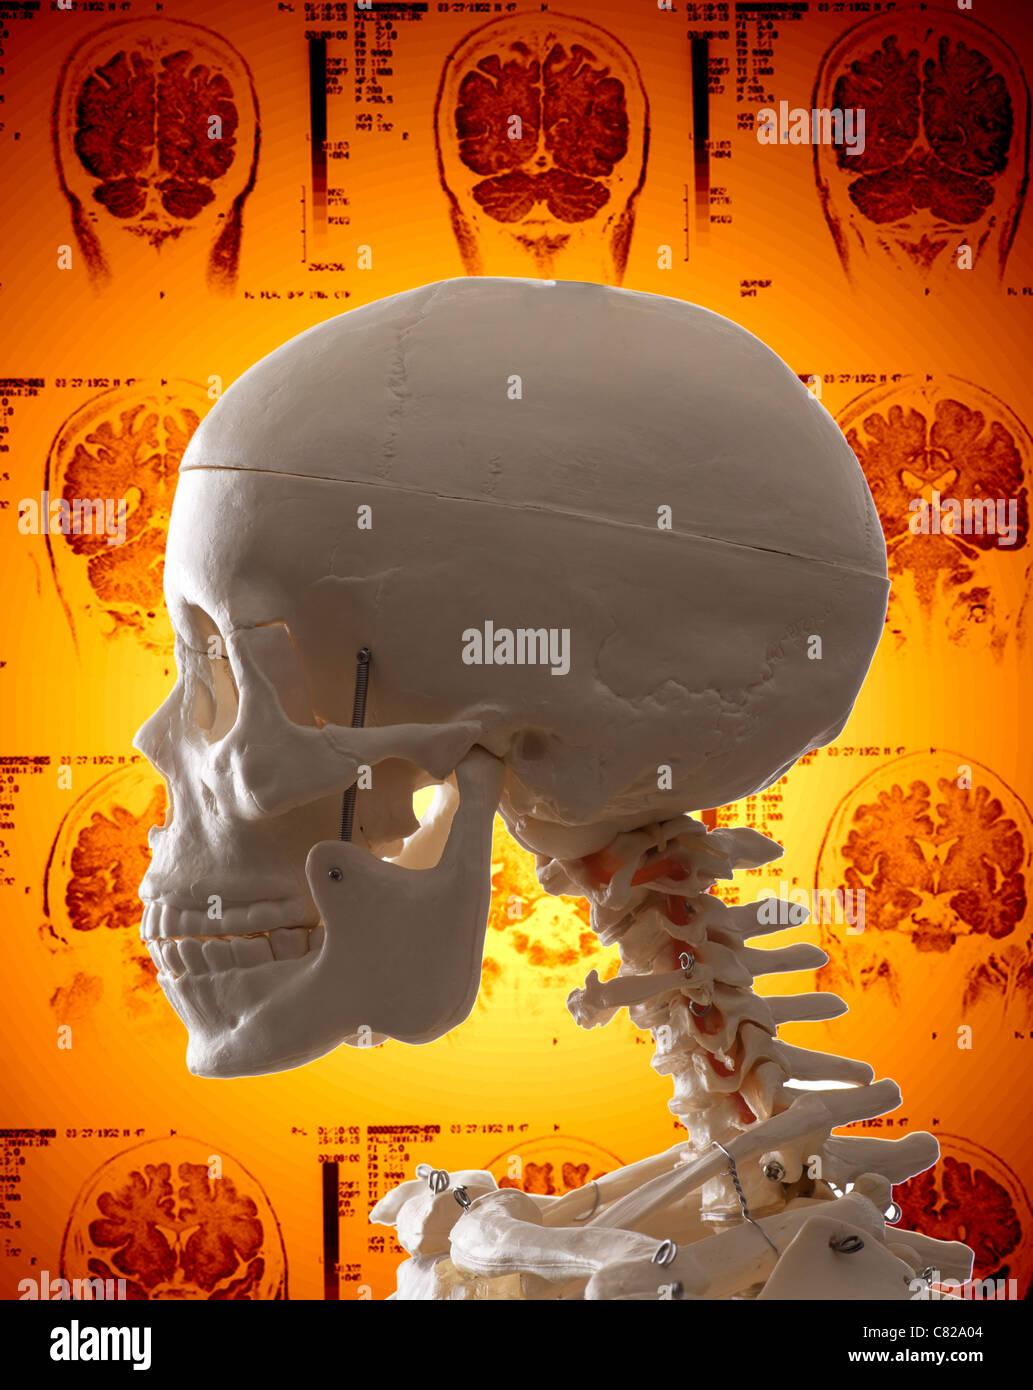 Notion de droit crâne humain et de l'IRM Contexte Photo Stock